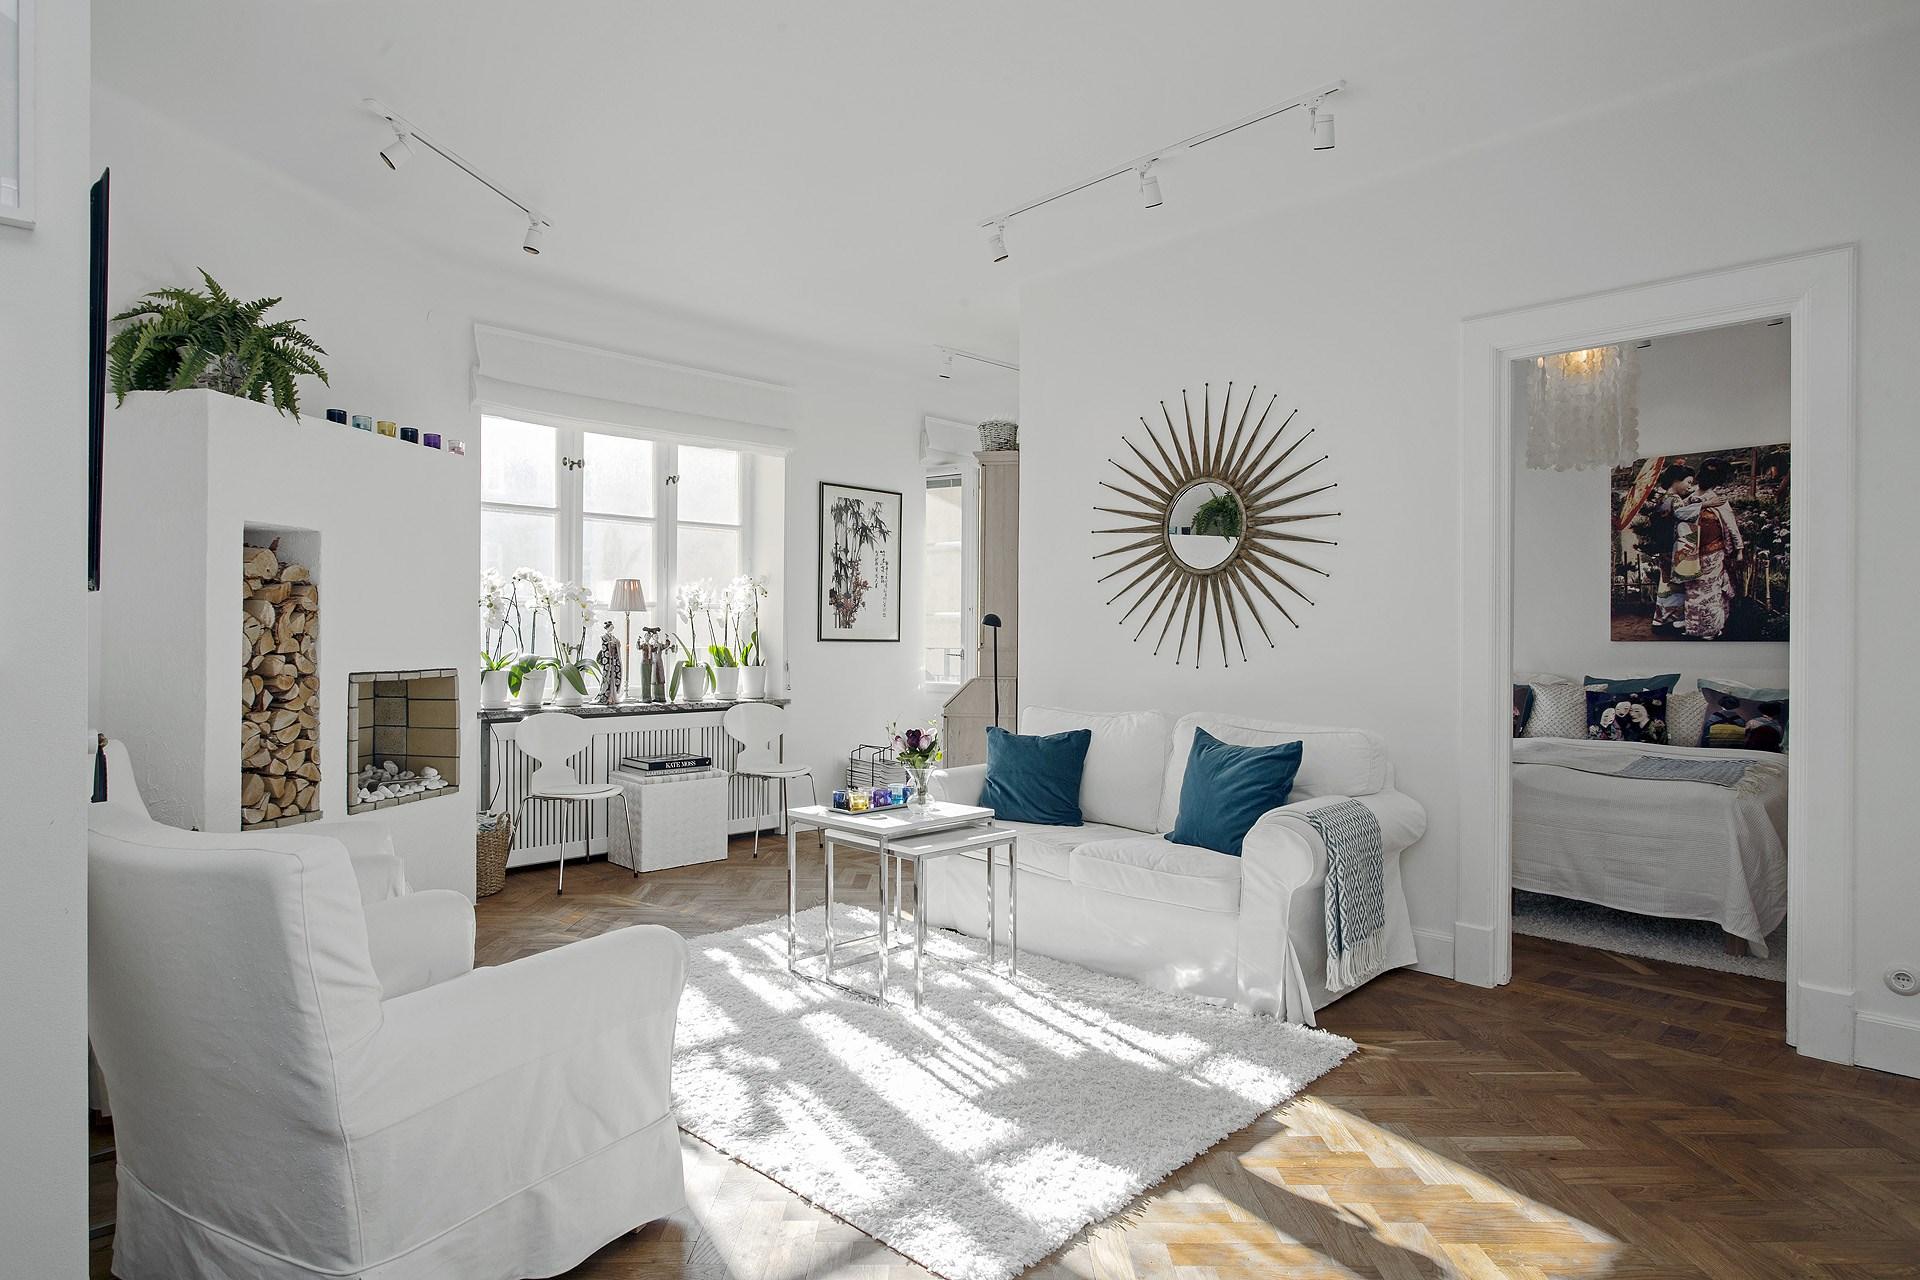 minipisos interiores pequeos estilo nrdico escandinavo espejos en el salon distribucin pisos pequeos decoracin pisos pequeos